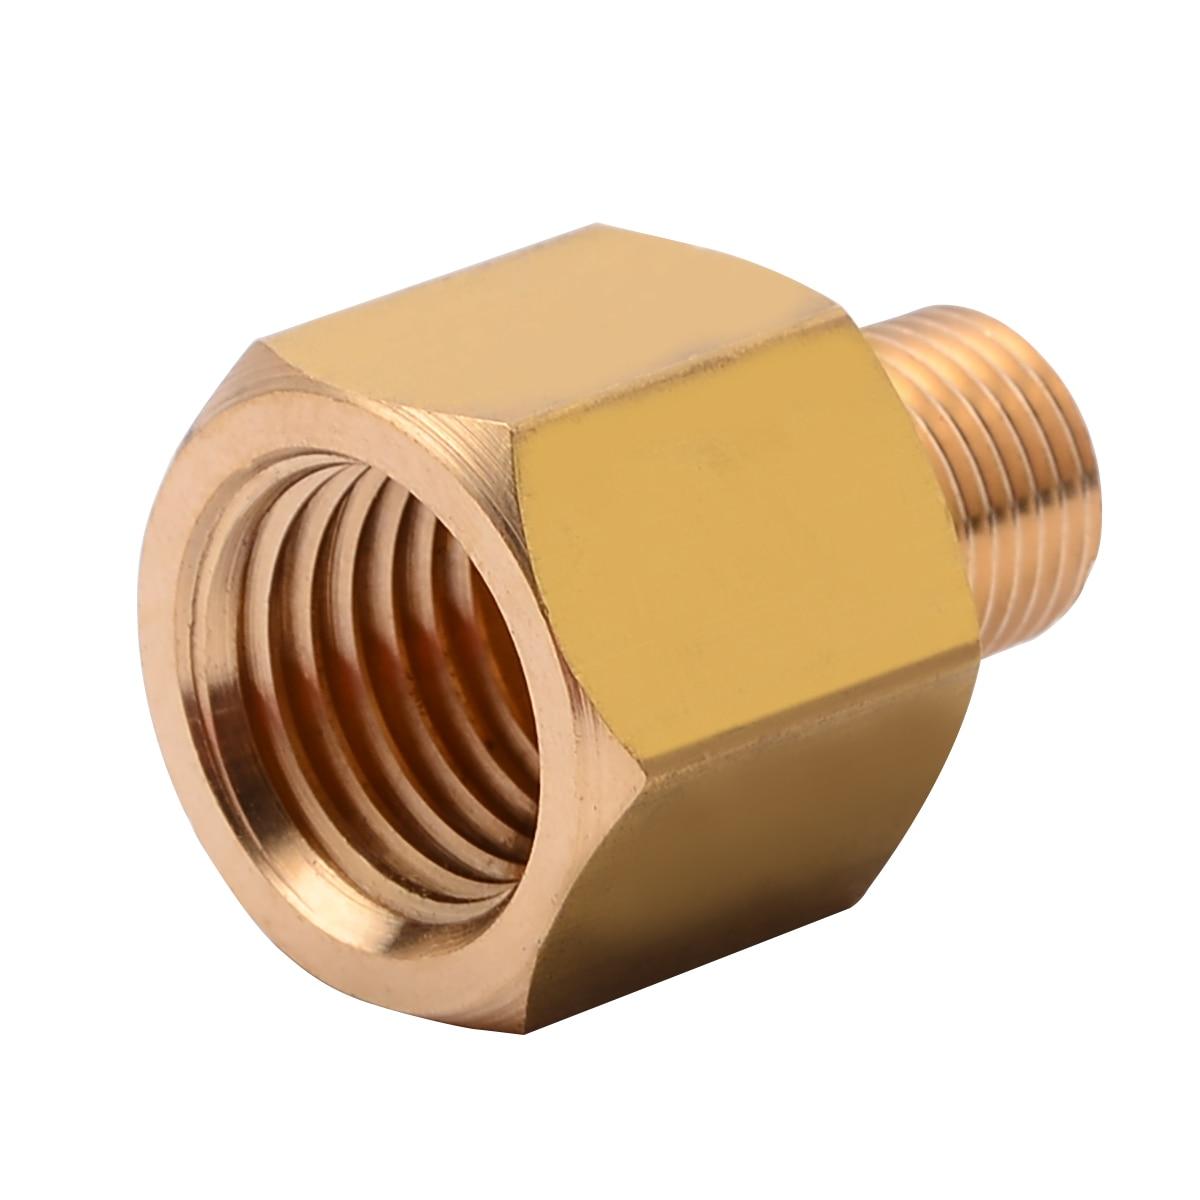 """1 Pc Neue Messing Bsp-npt Adapter 1/8 """"männlichen Bspt Zu 1/4"""" Weibliche Npt Messing Rohr Fitting Hexagon Sanitär Adapter Rohr Fitting Mayitr Erfrischung"""